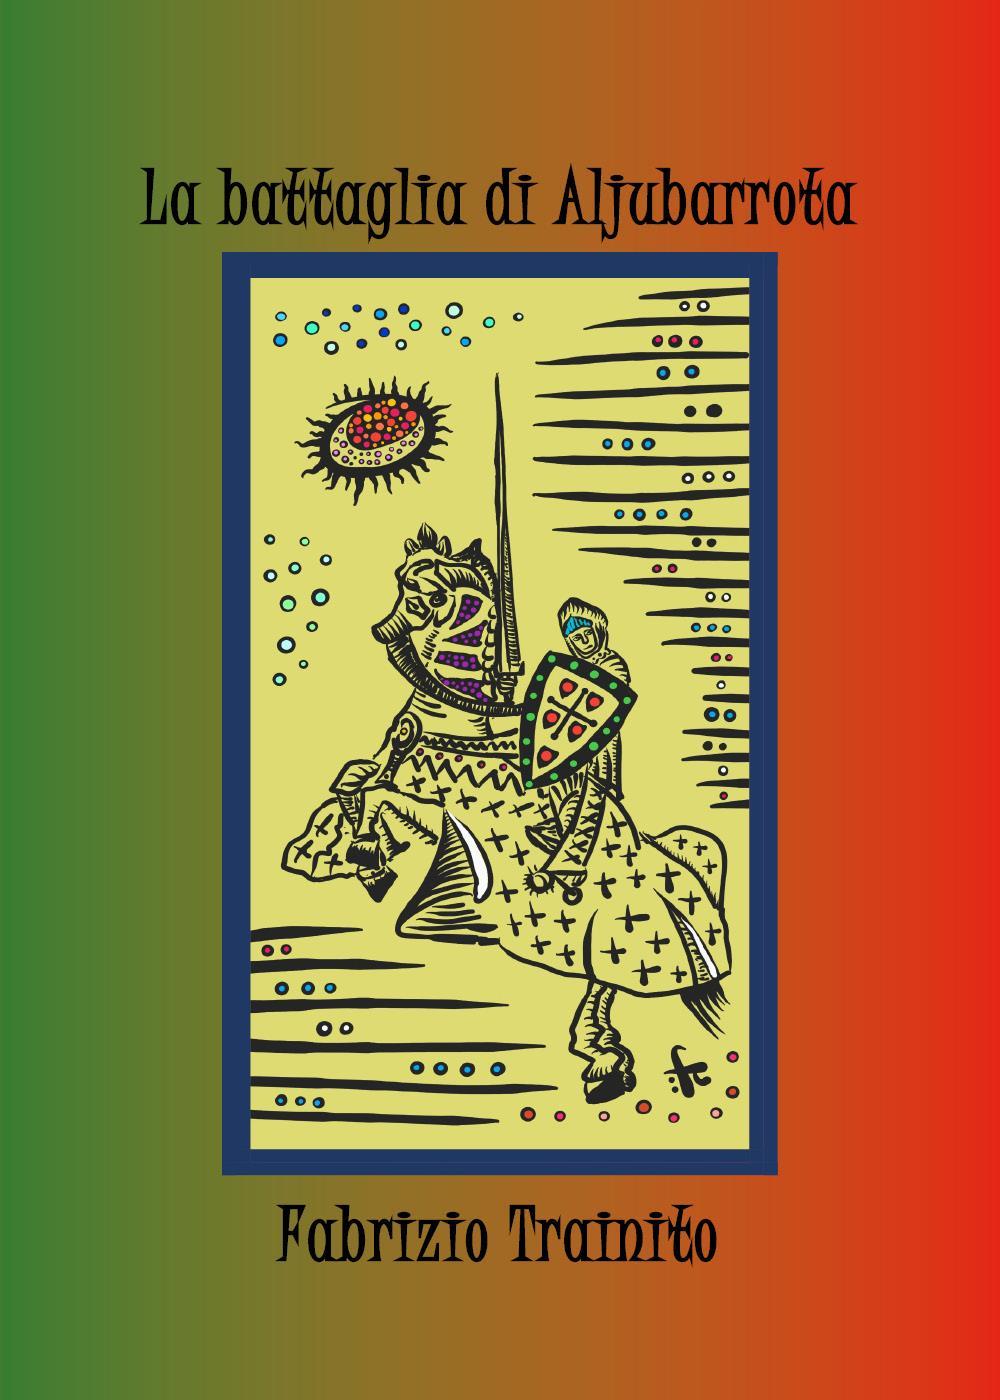 La battaglia di Aljubarrota